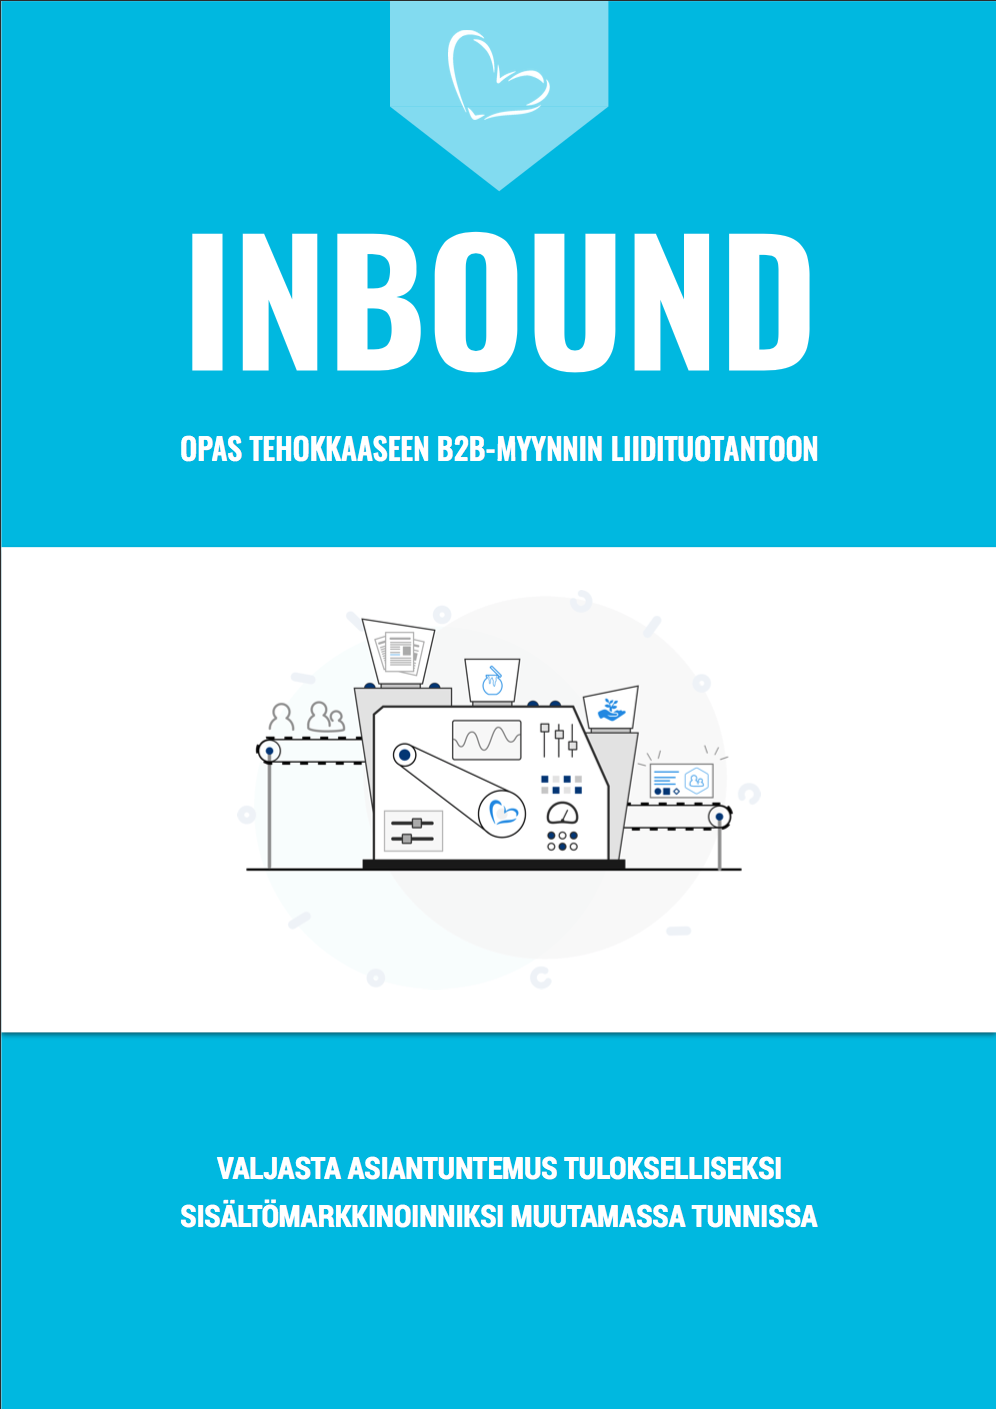 Inbound, opas tehokkaaseen B2B-myynnin liidituotantoon